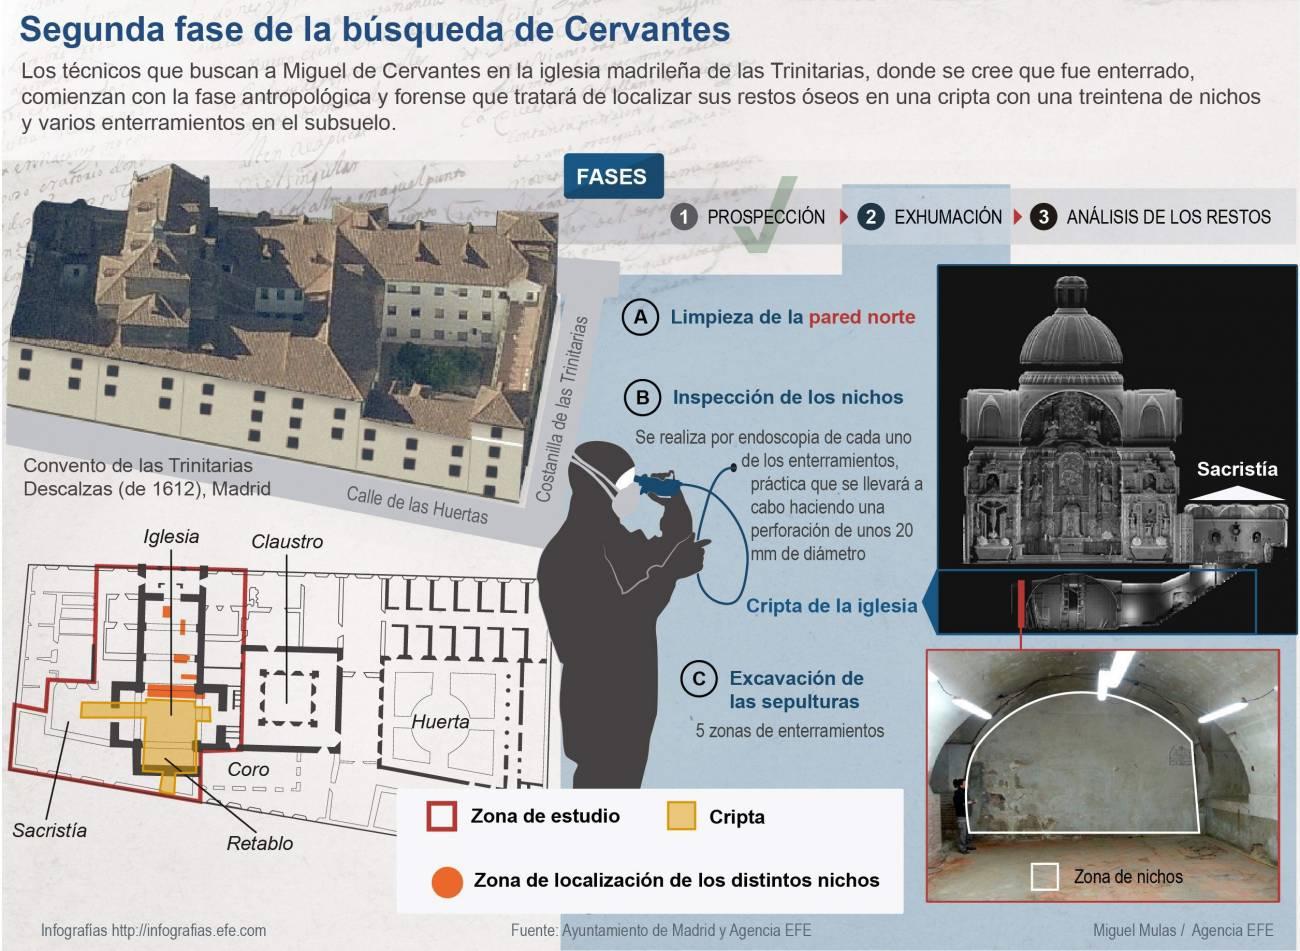 Infografía de las fases en la búsqueda de Cervantes. / Efe